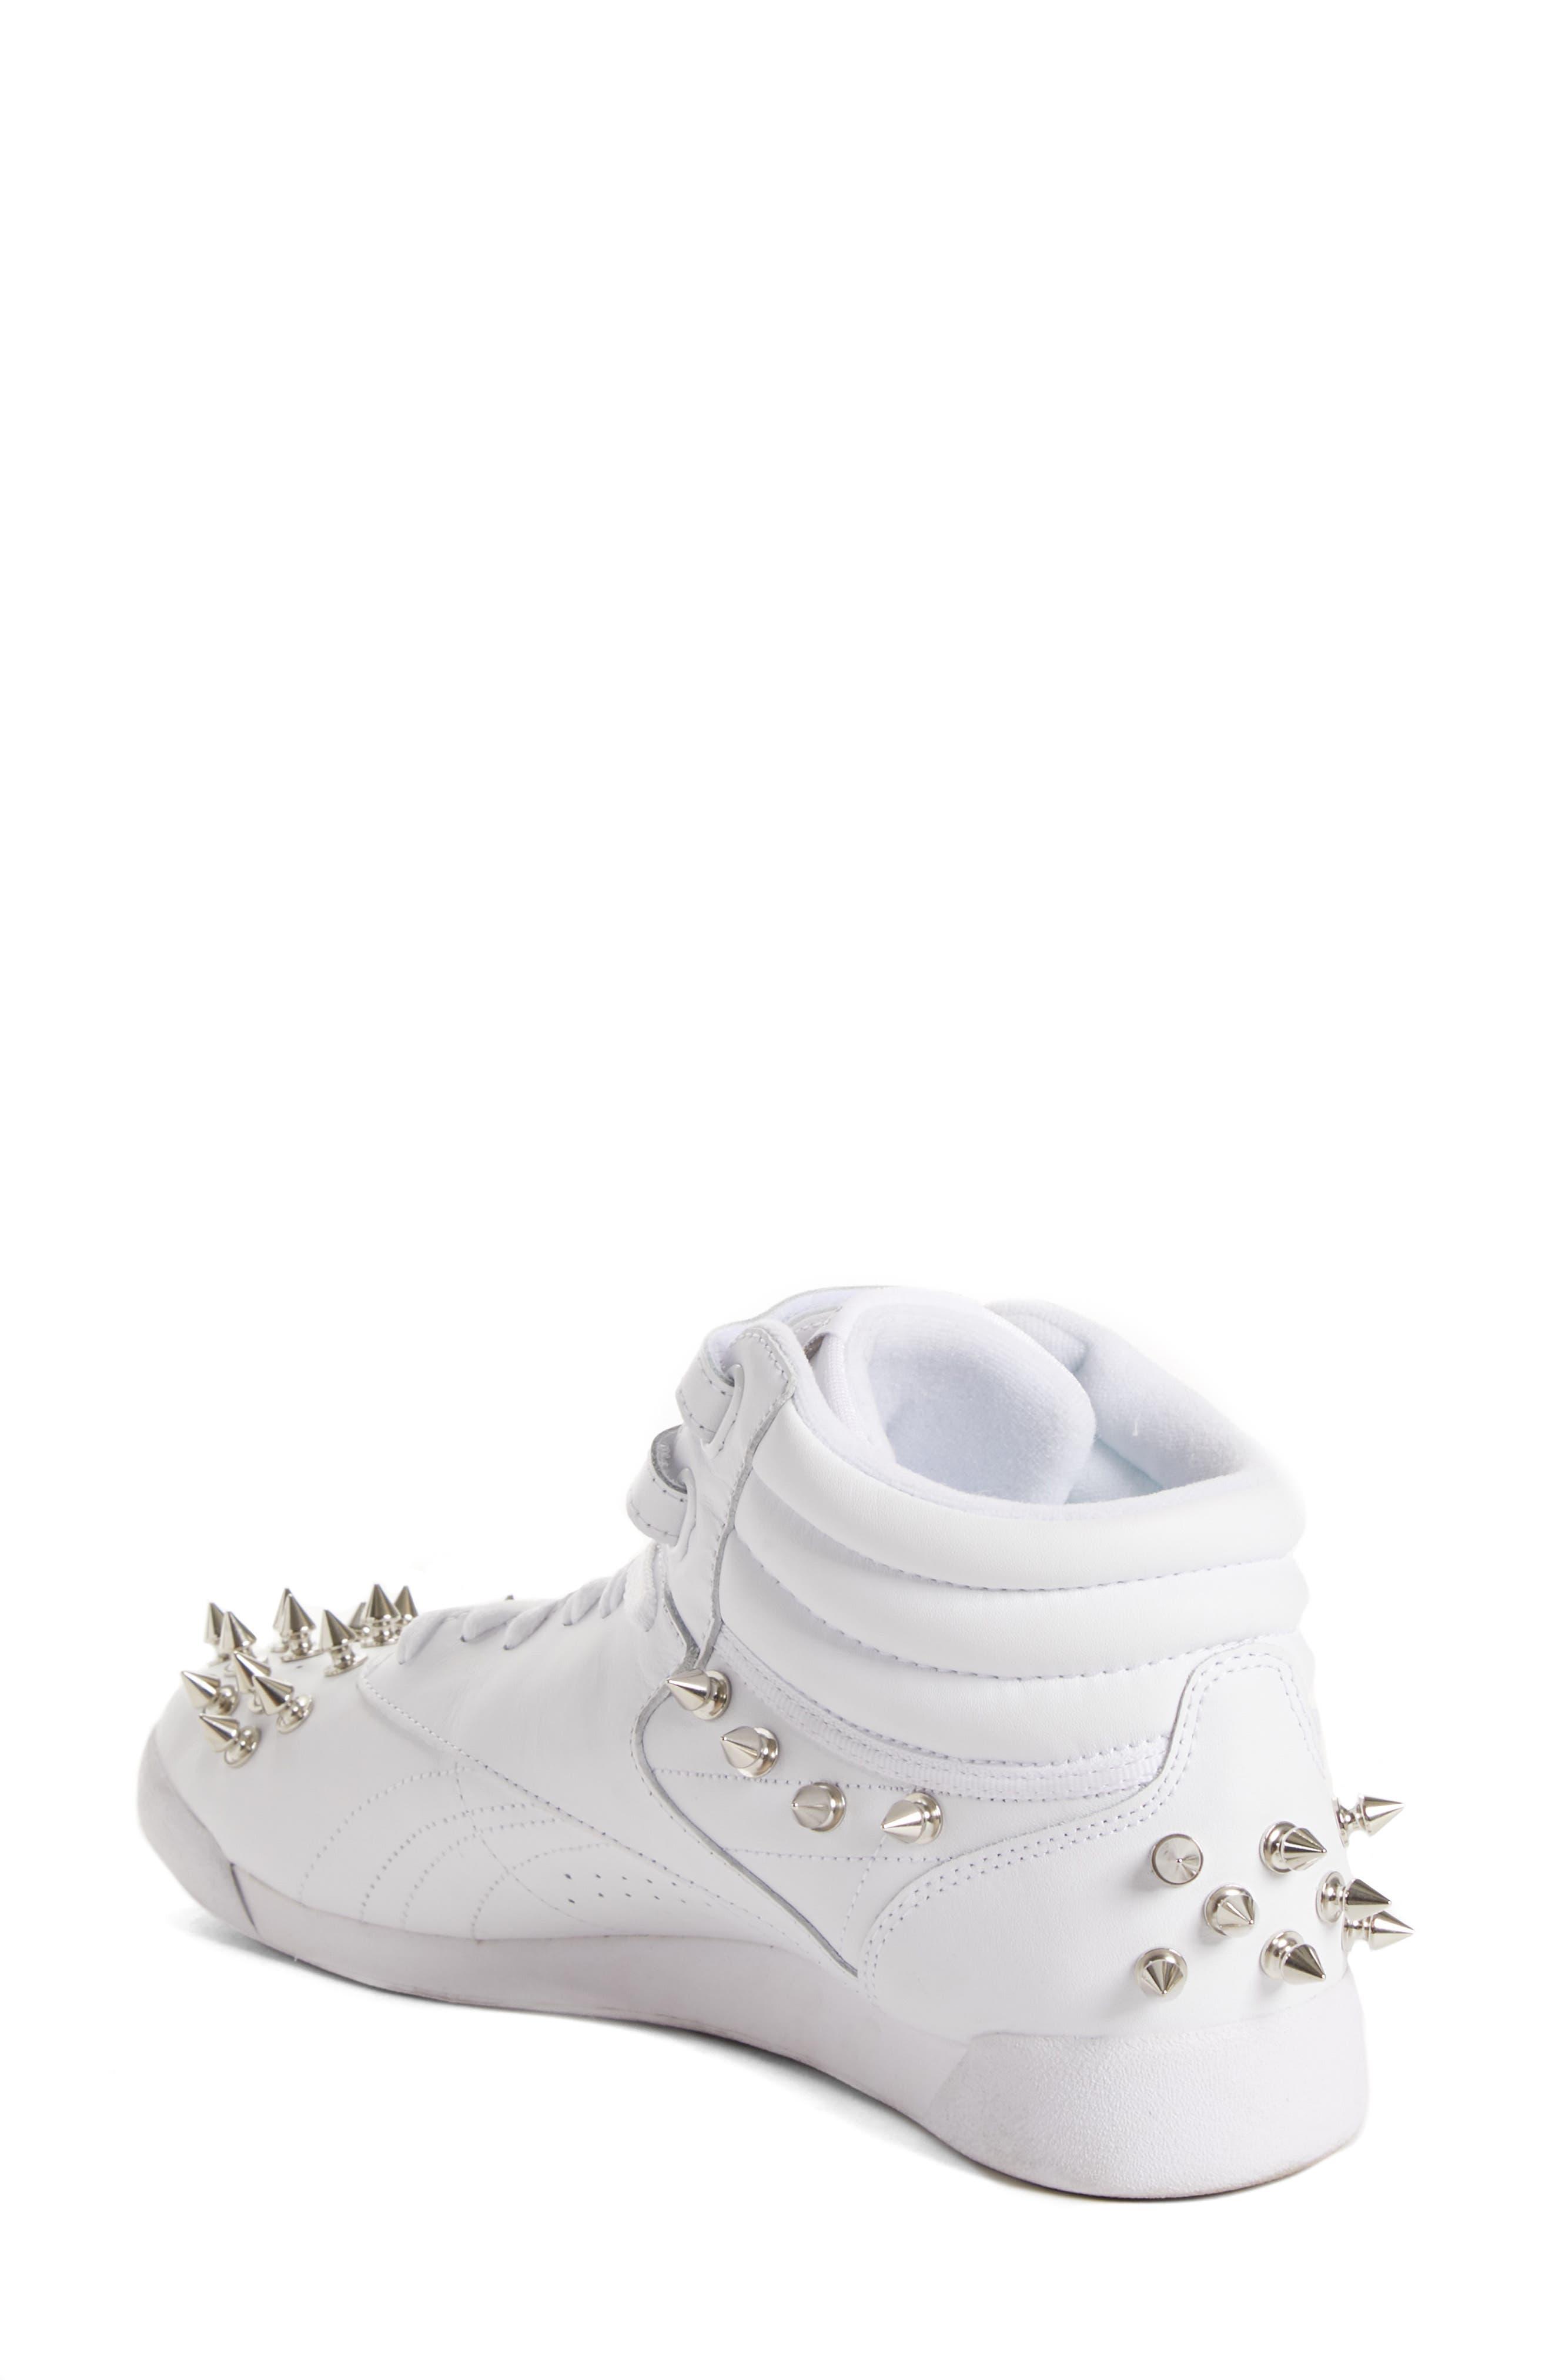 x Reebok Studded Sneaker,                             Alternate thumbnail 2, color,                             WHITE